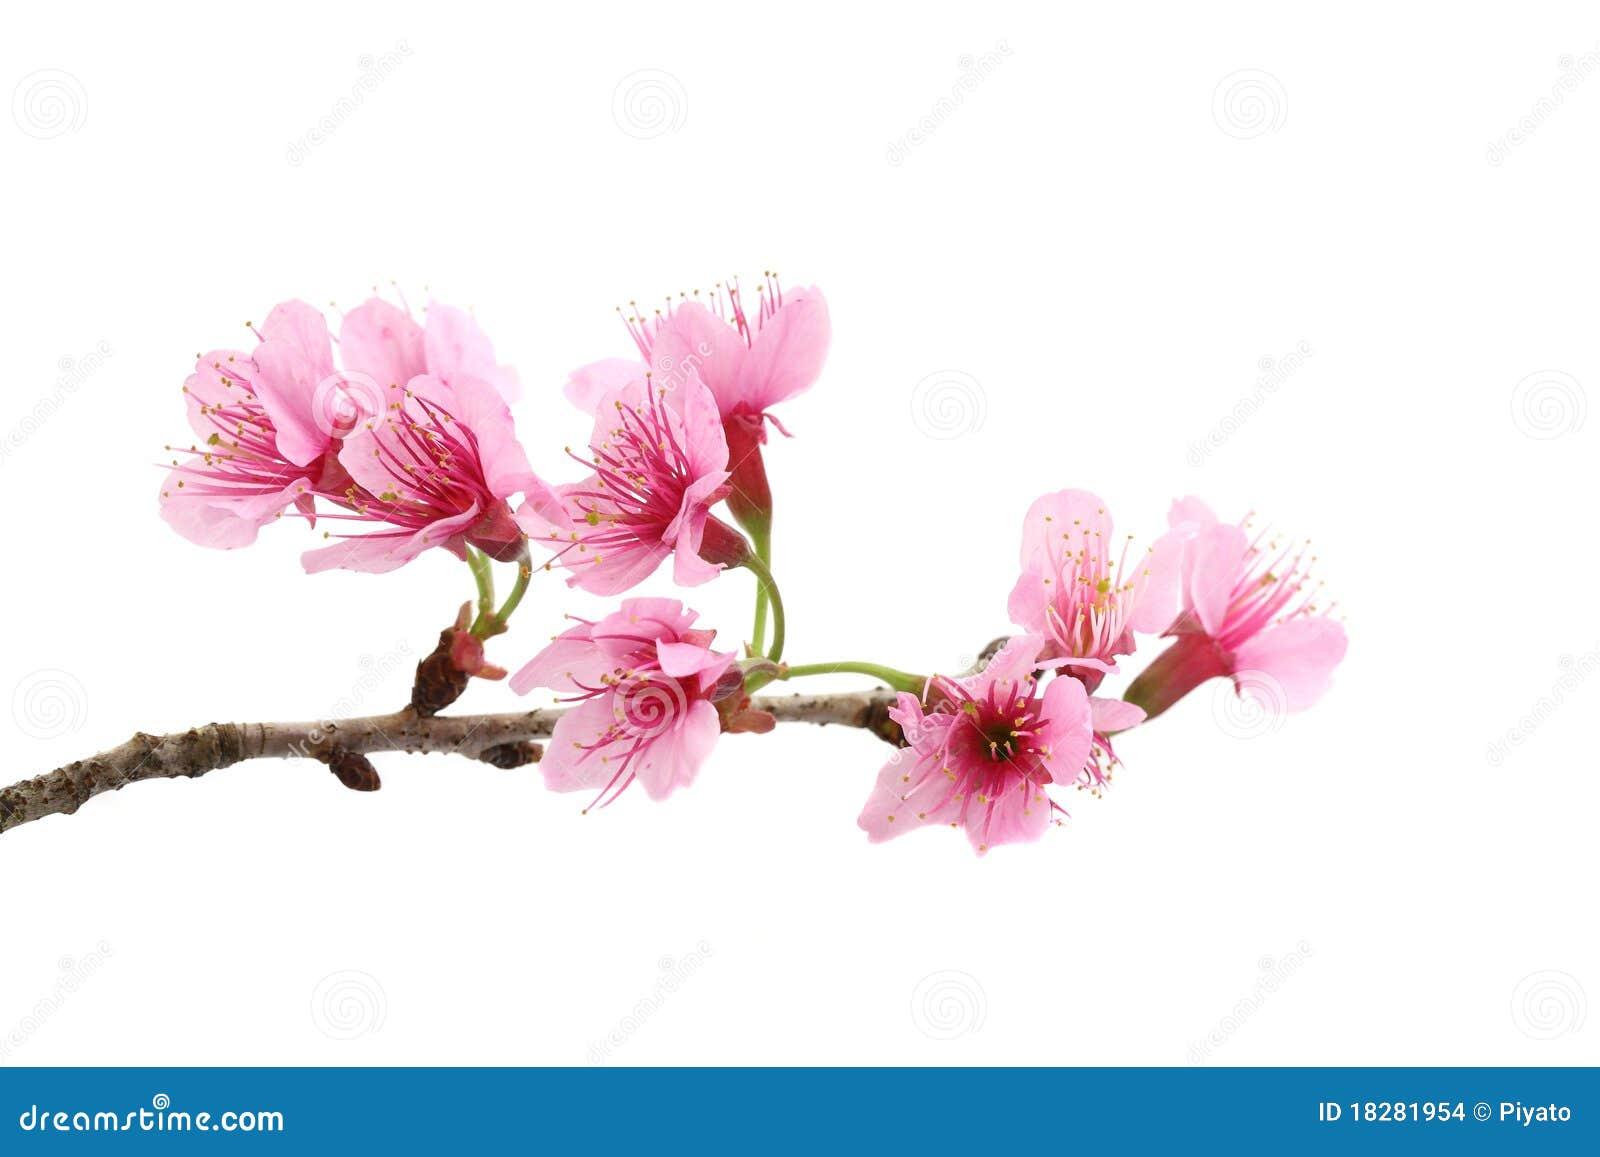 Cherry blossom pink sakura flower stock photo image of close download cherry blossom pink sakura flower stock photo image of close cherry mightylinksfo